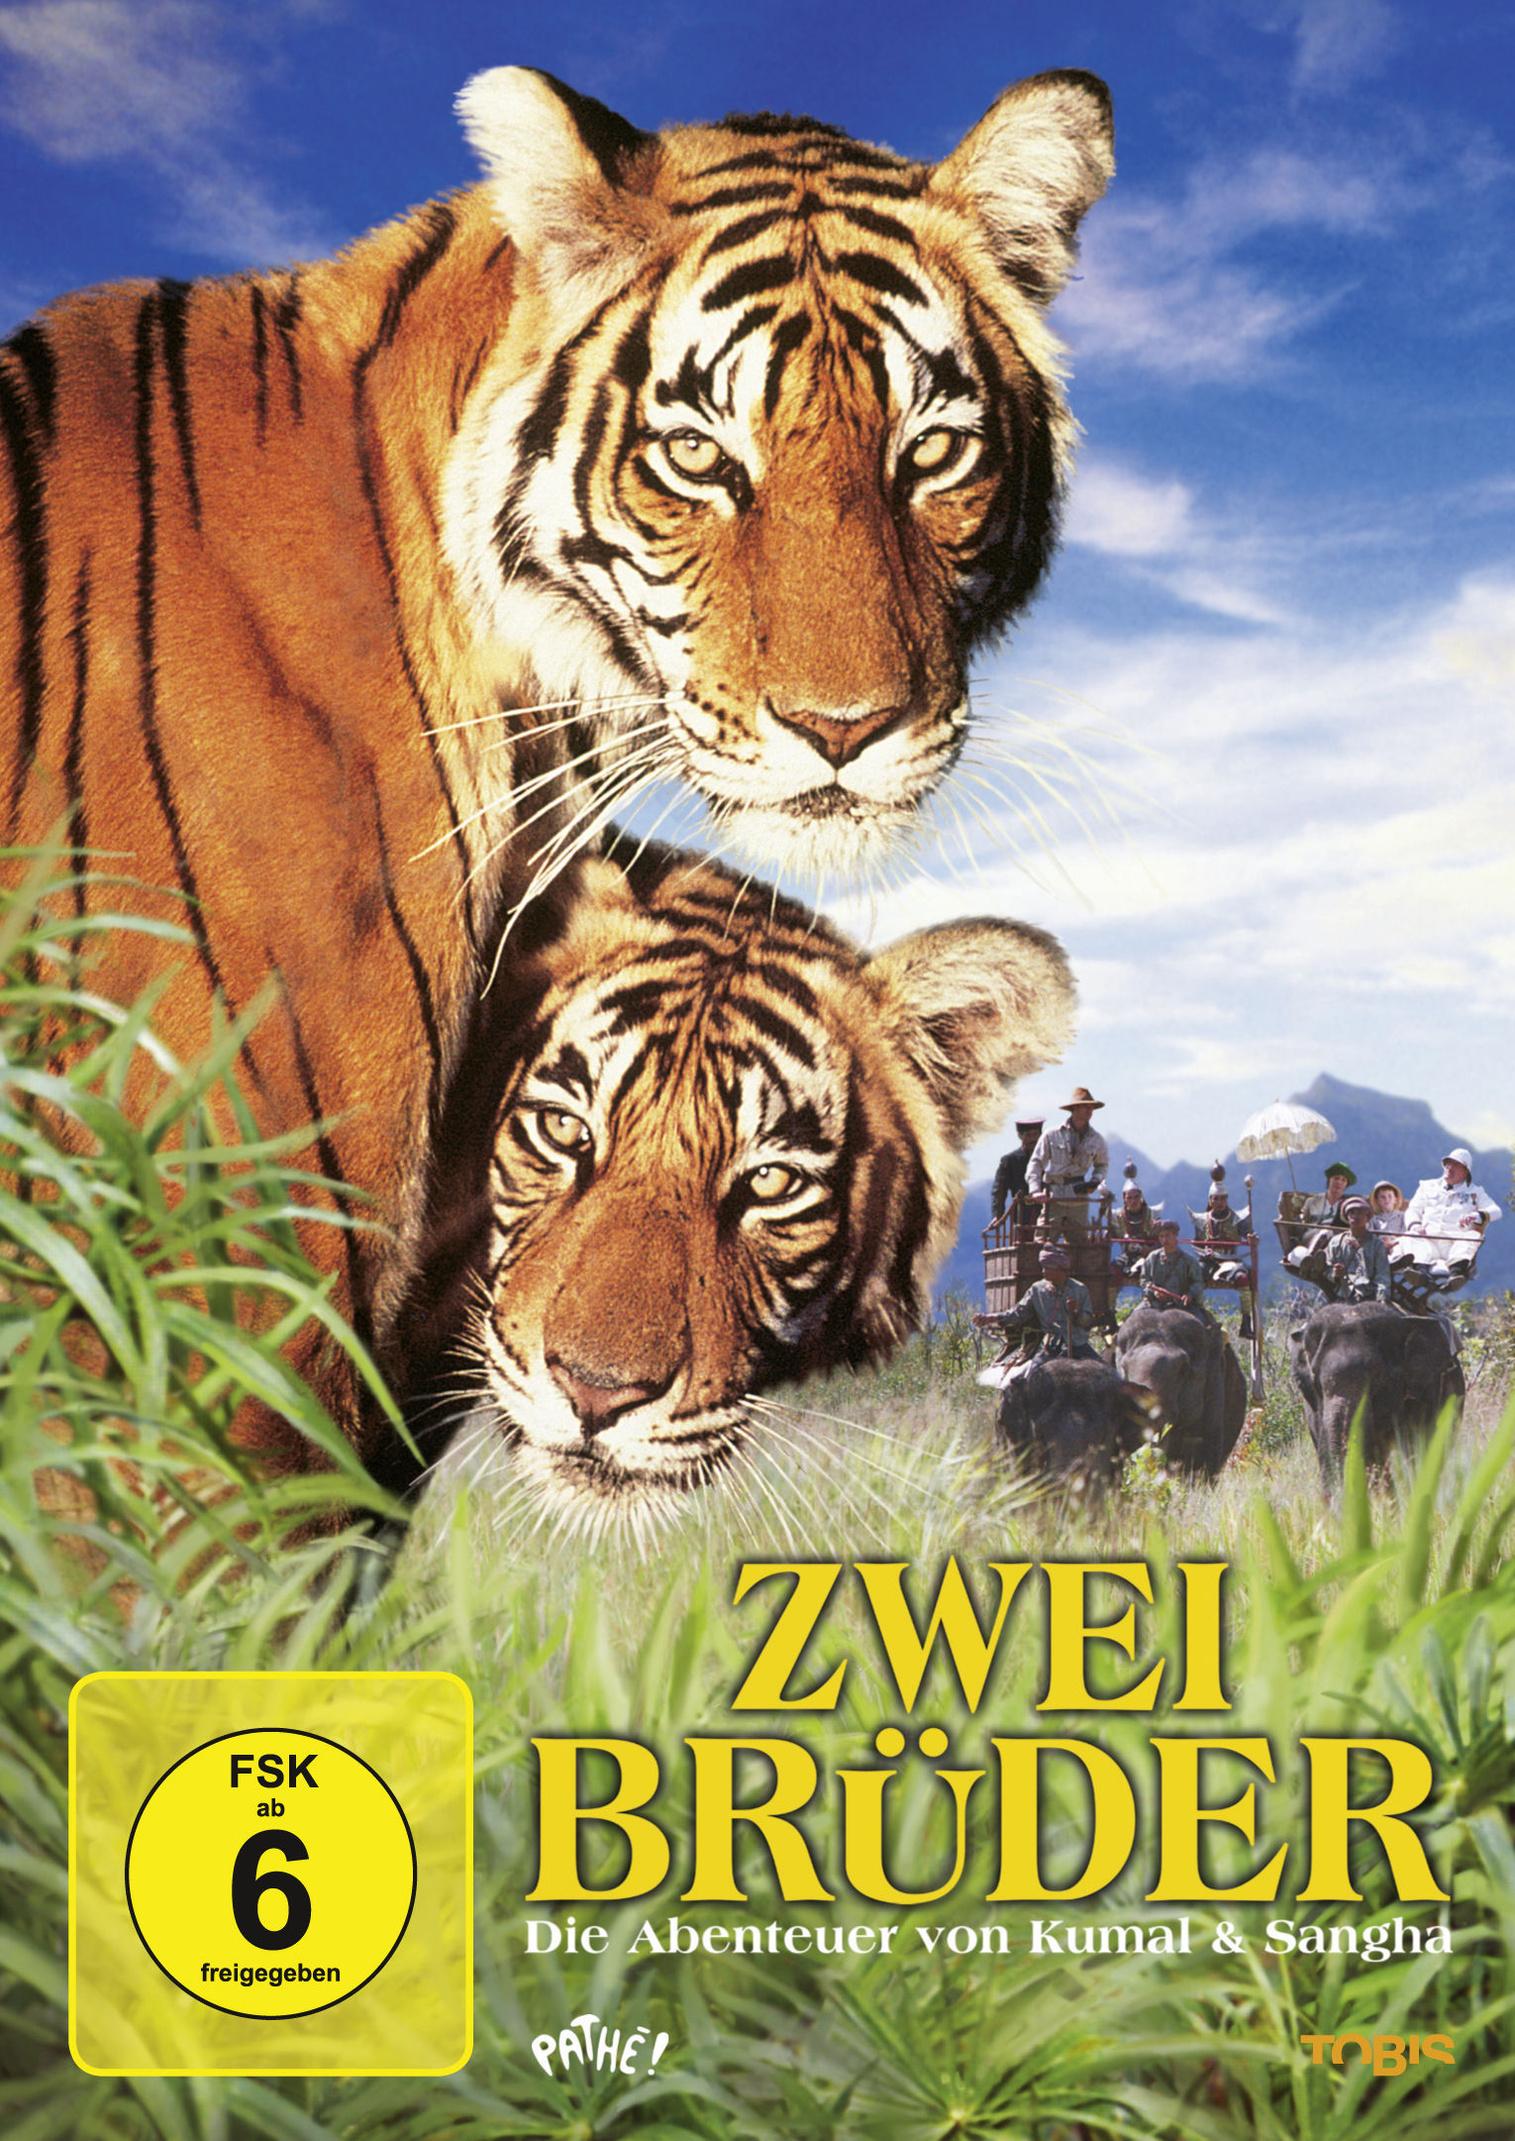 Die östliche Tigerin vor und nach dem Abnehmen